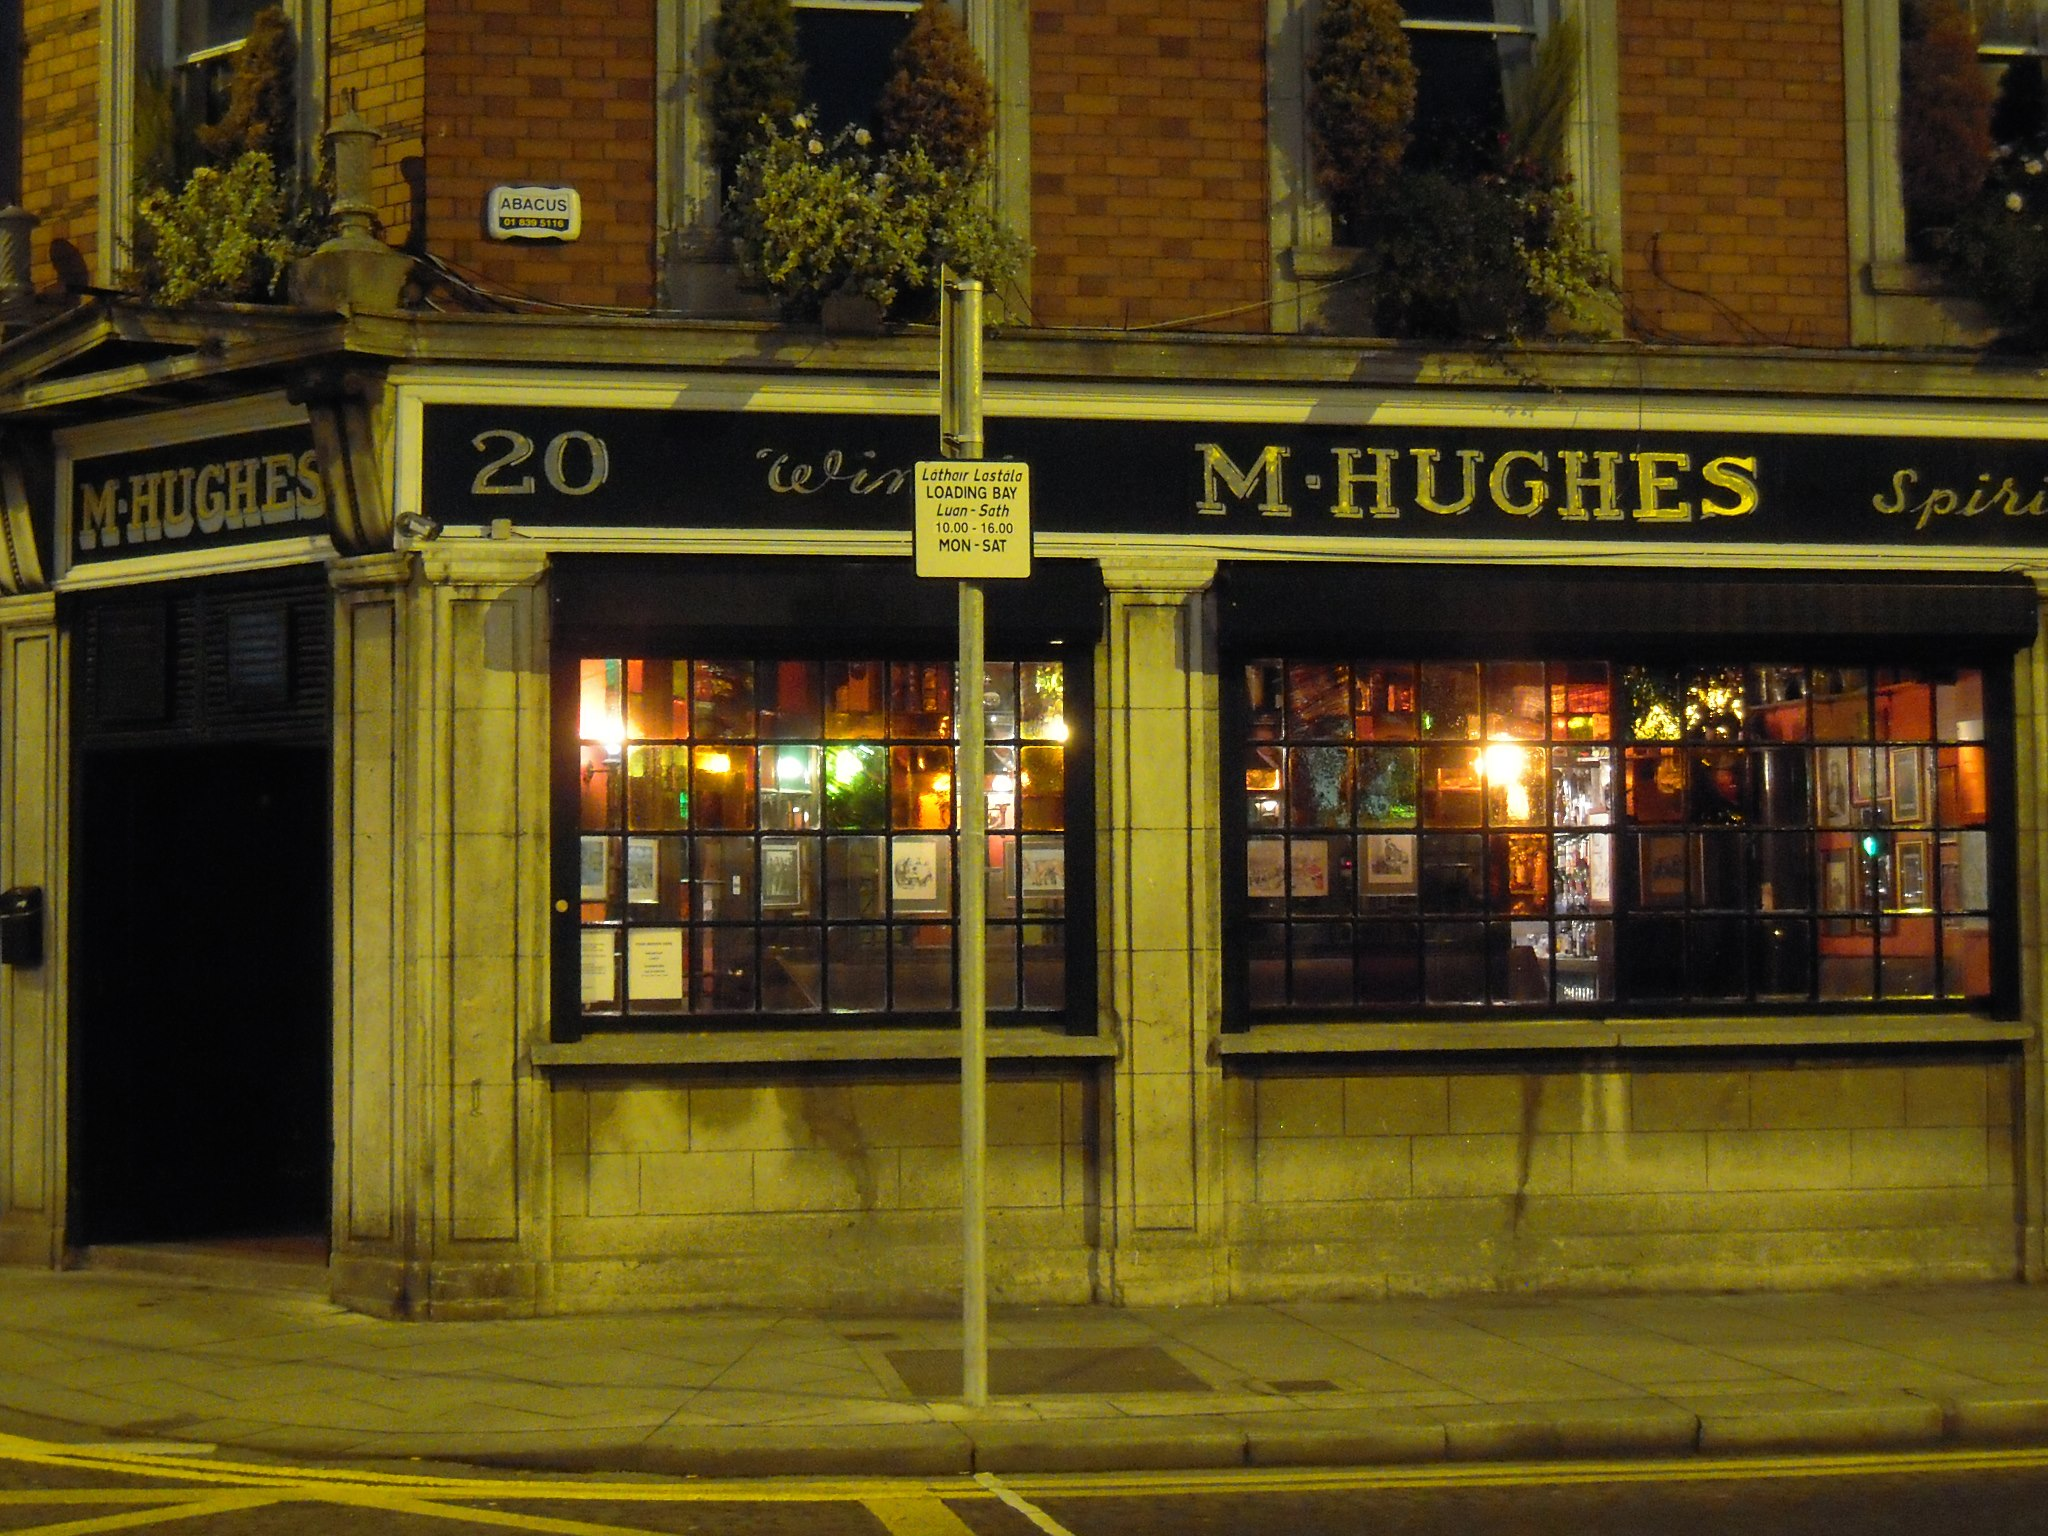 M. Hughes